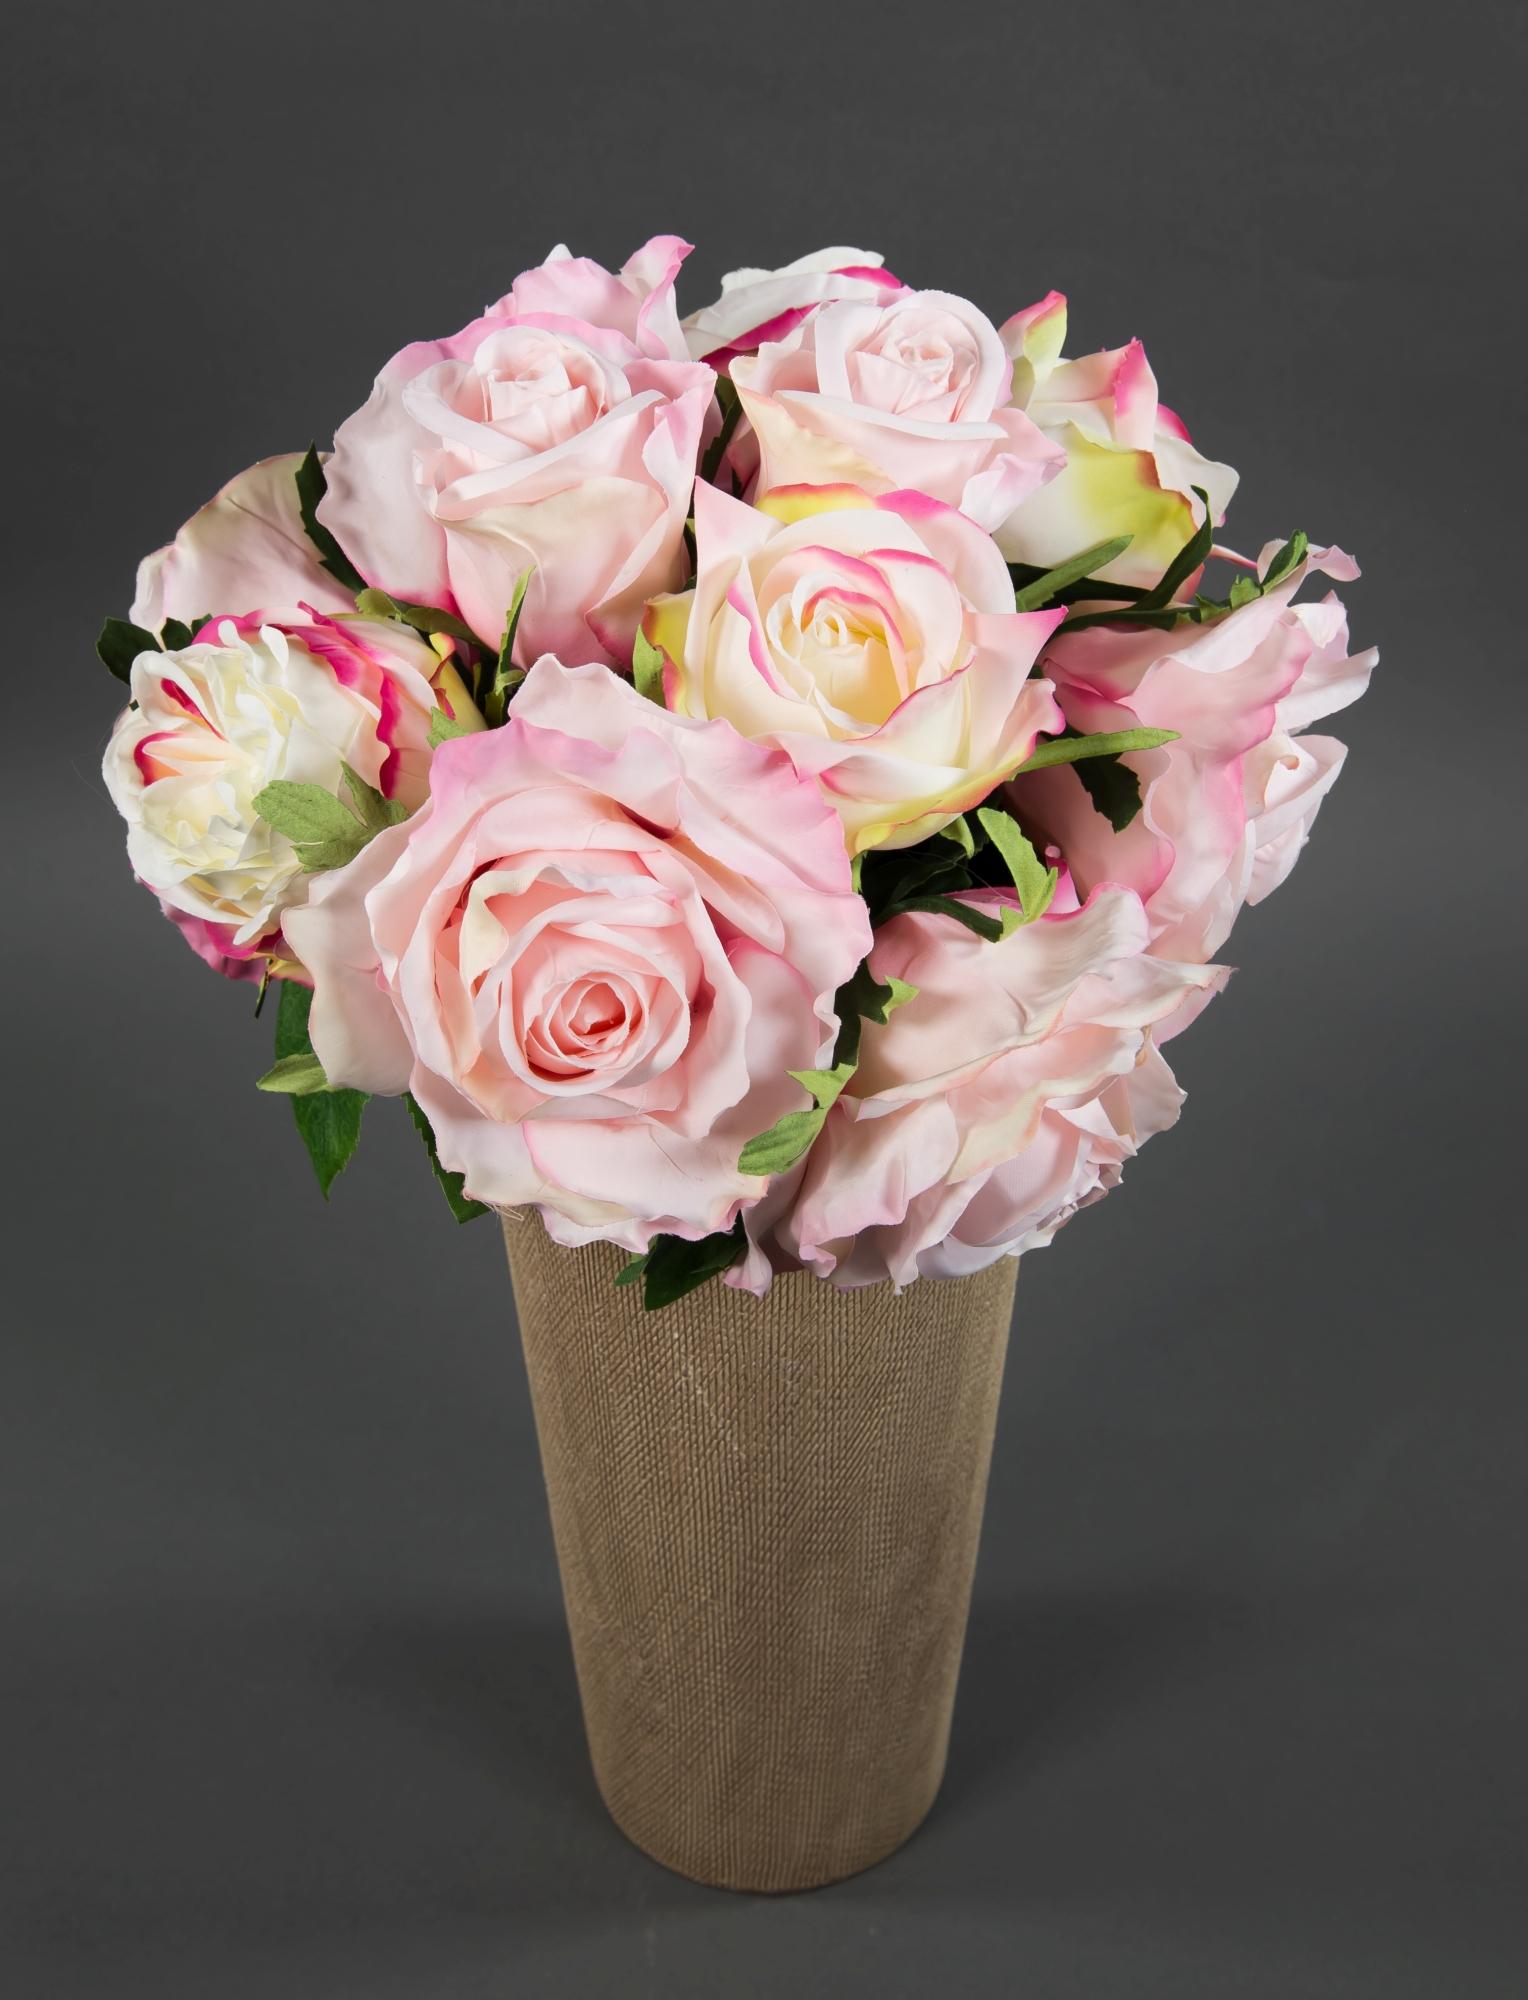 rosenstrauß 38x30cm rosa ga kunstblumen künstliche rosen